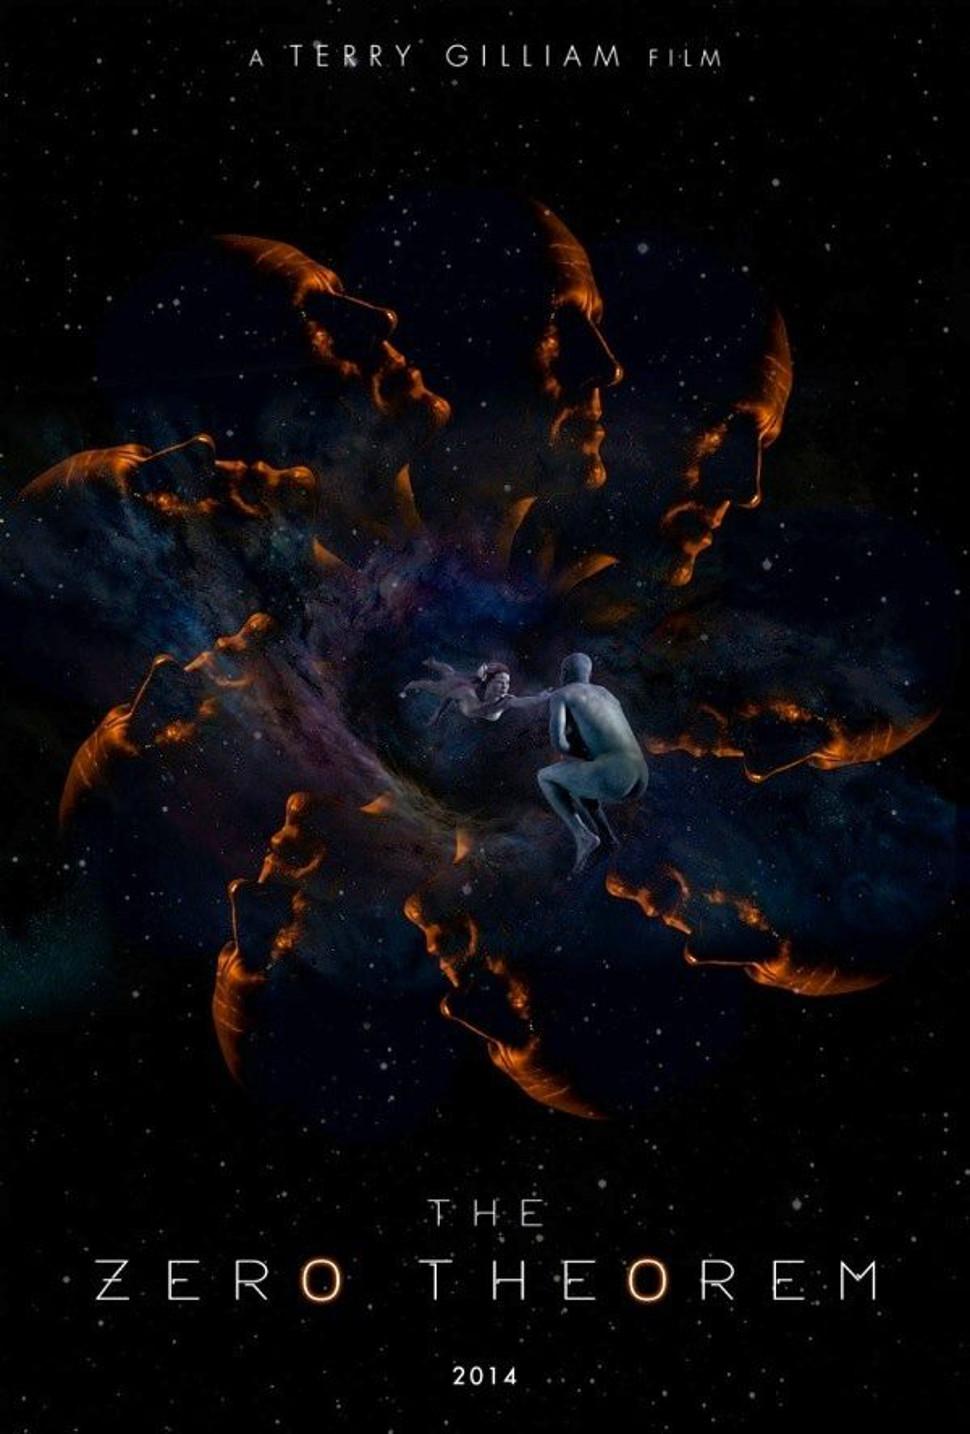 The-Zero-Theorem-poster-polemico